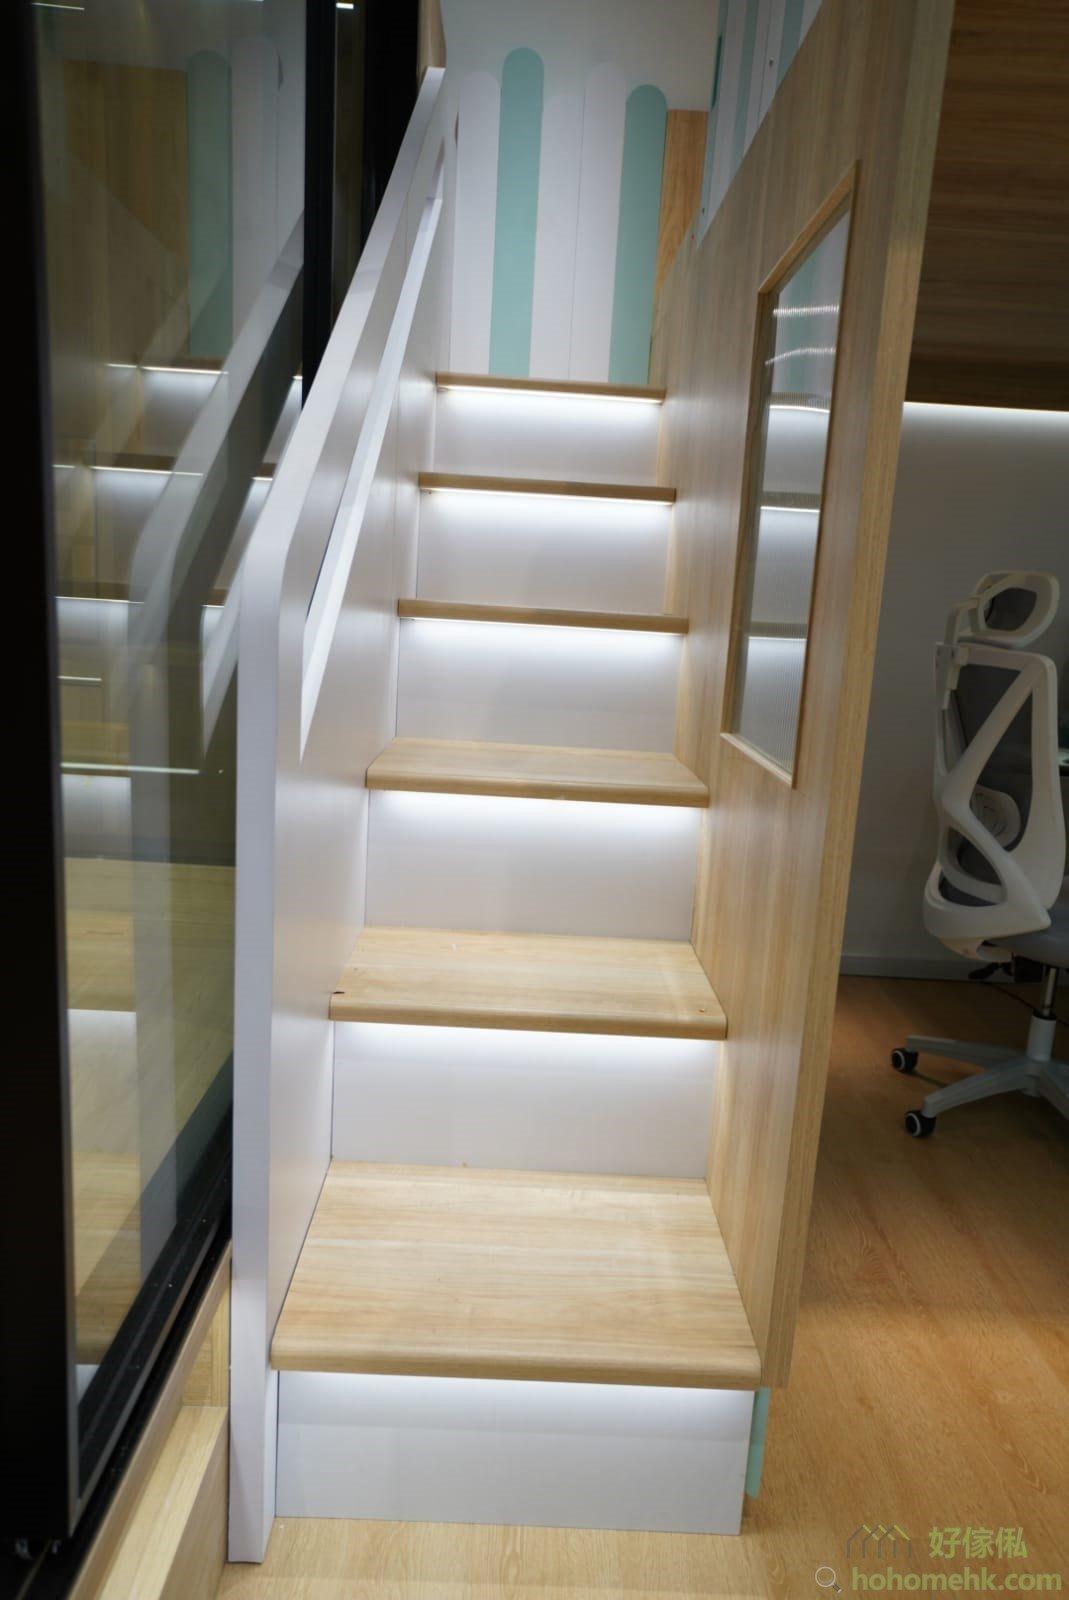 屋仔床看點:樓梯櫃踏板射燈、踏板圓角、圓角扶手、扶手燈